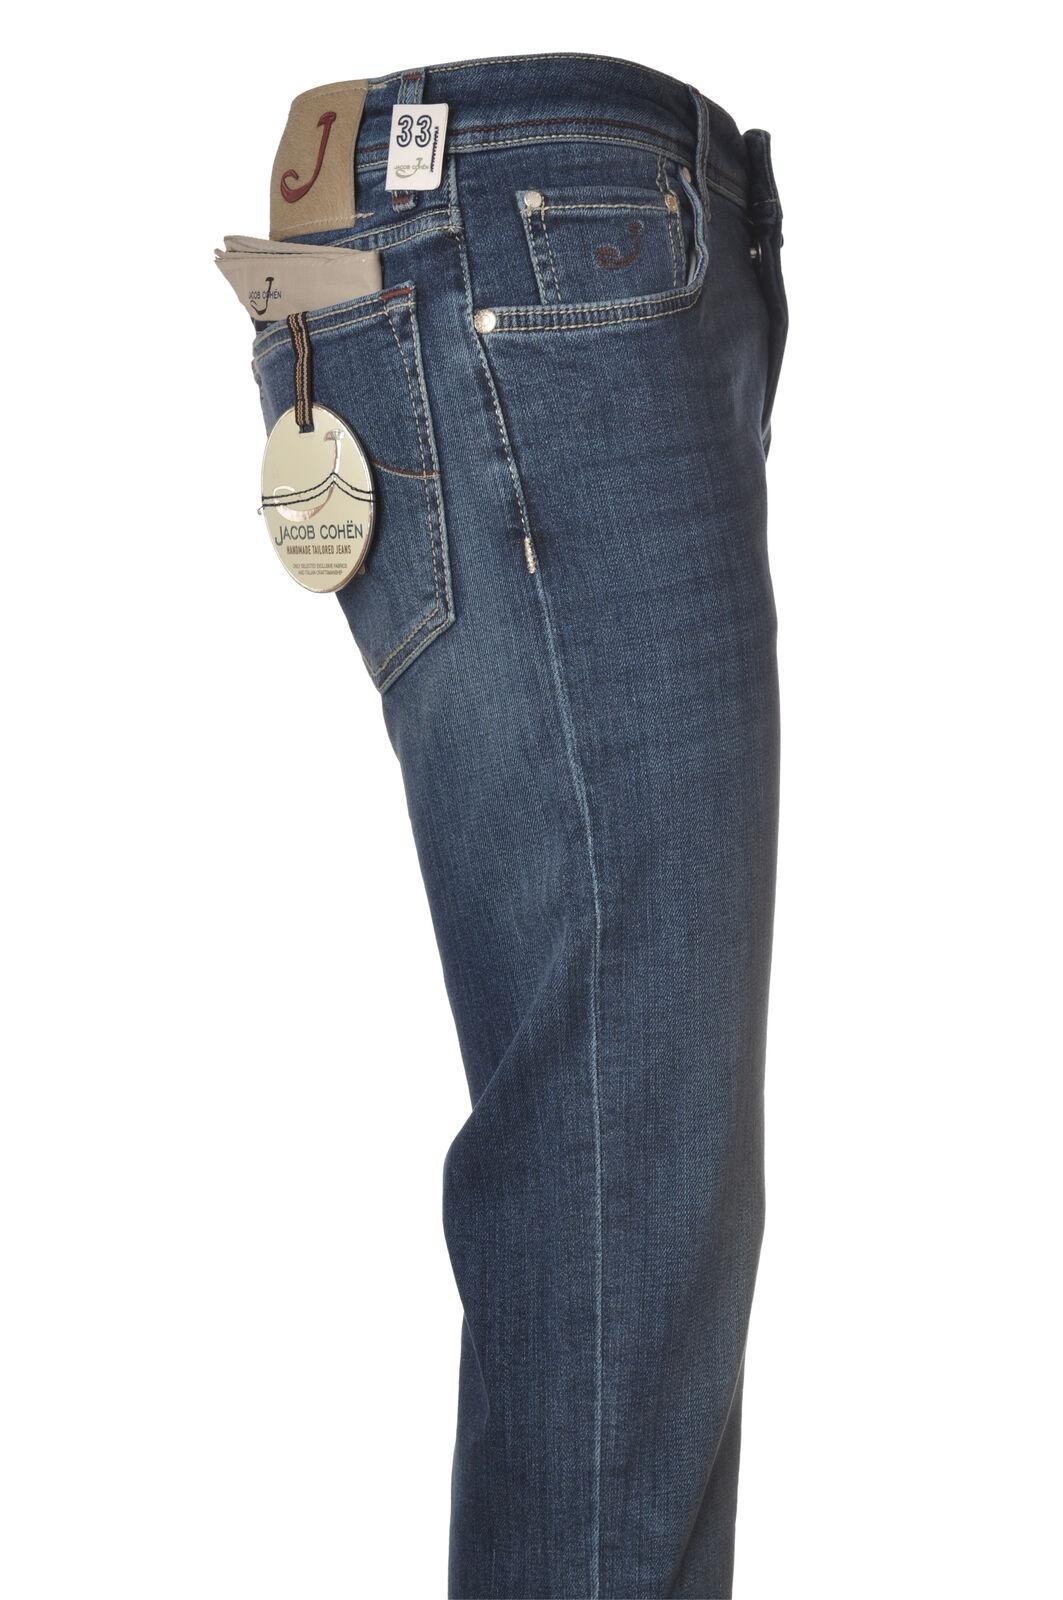 Jacob Cohen - Jeans-Pants - Man - Denim - 5682112M184329